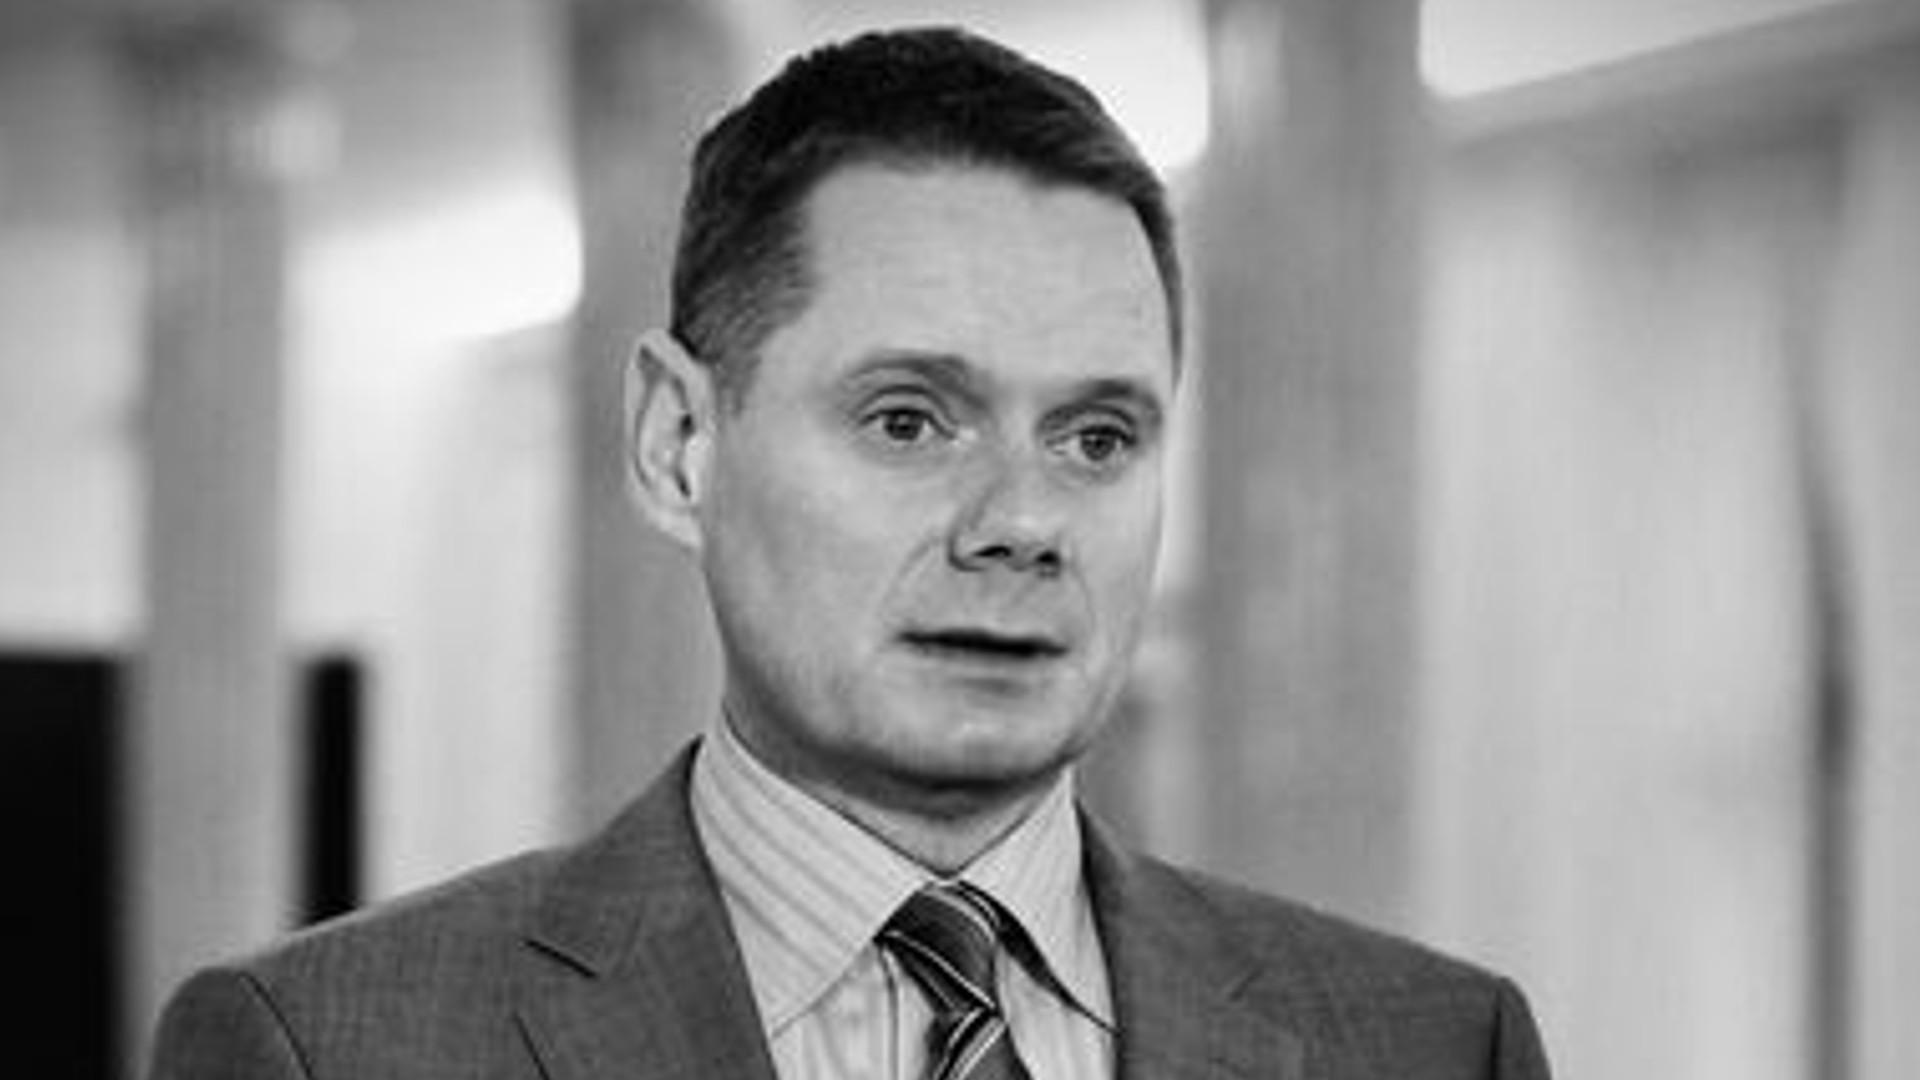 Nie żyje Rafał Poniatowski, dziennikarz TVN24